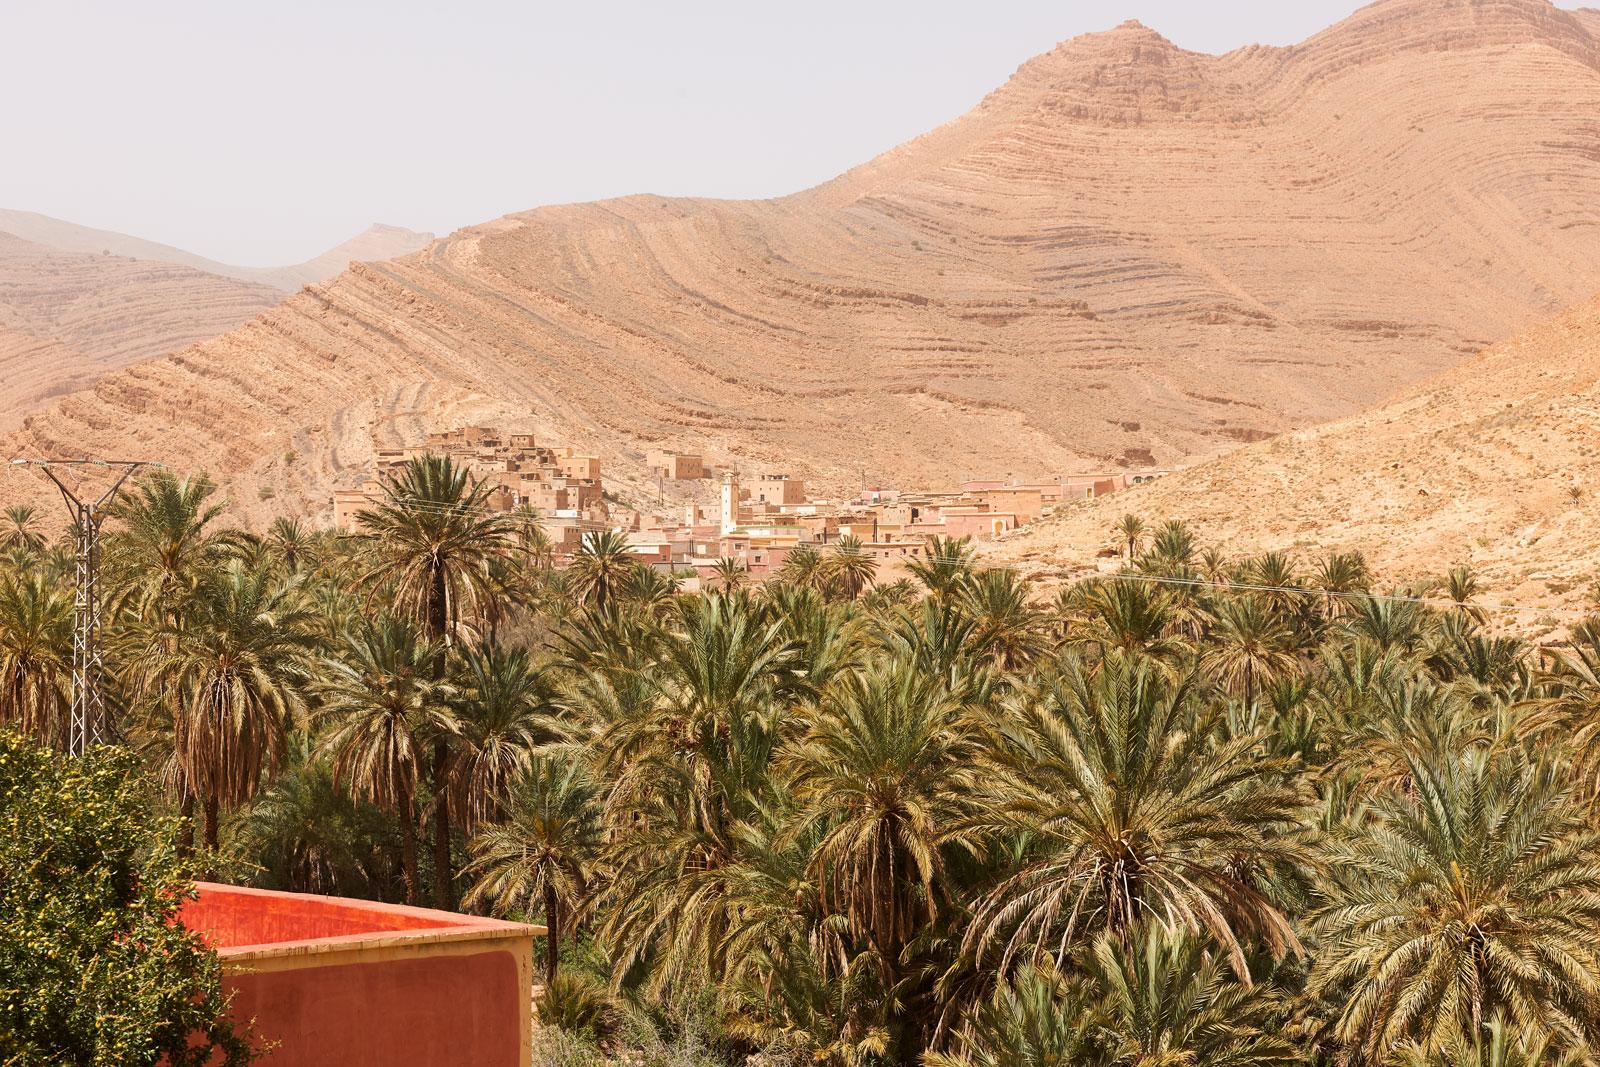 Bild einer Stadt mit Palmenoase in den Bergen des Antiatlas Gebirges in Marokko